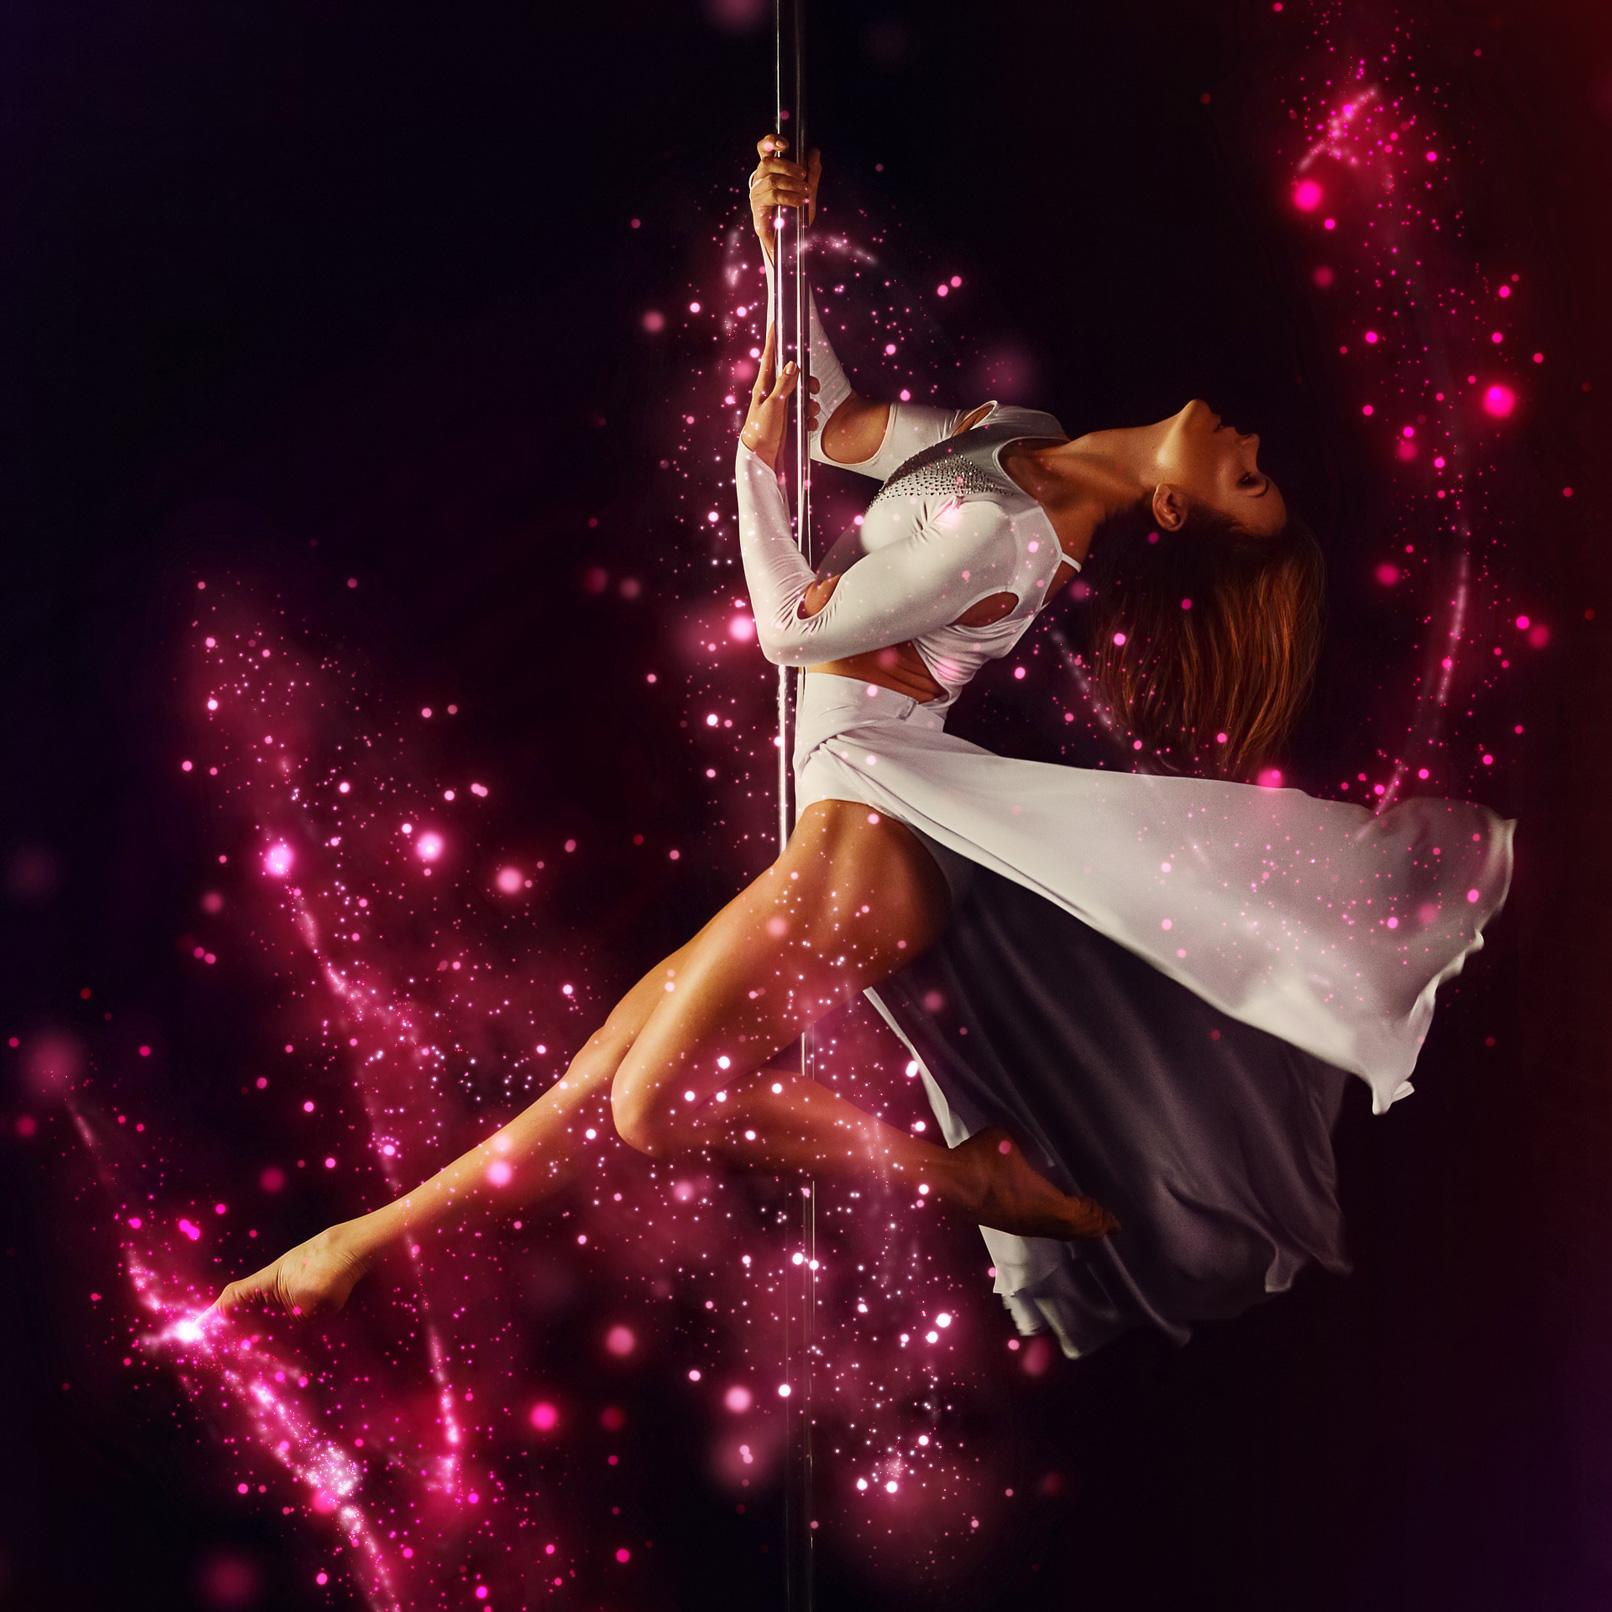 Frau tanzt an einer Stange, Foto mit Glitzereffekt überlagert